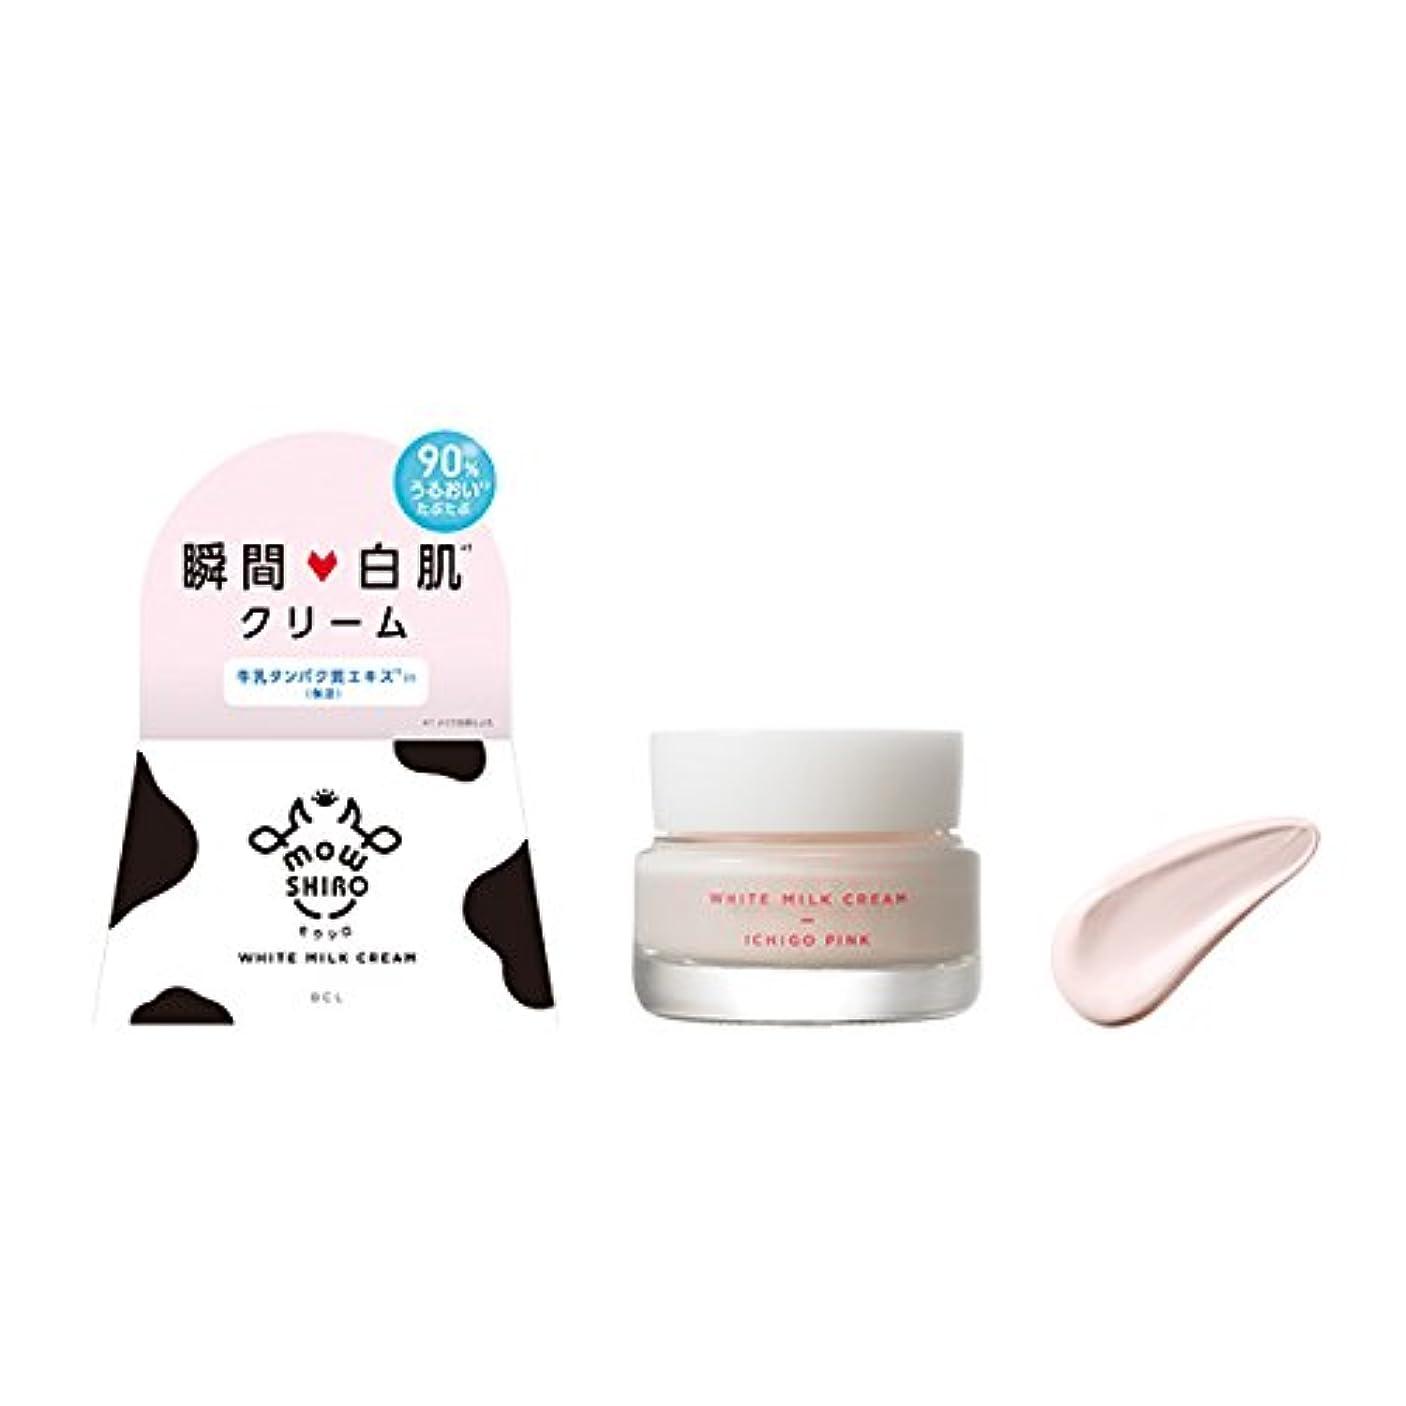 額効能あるパテ【モウシロ】 トーンアップクリーム(いちごピンク)